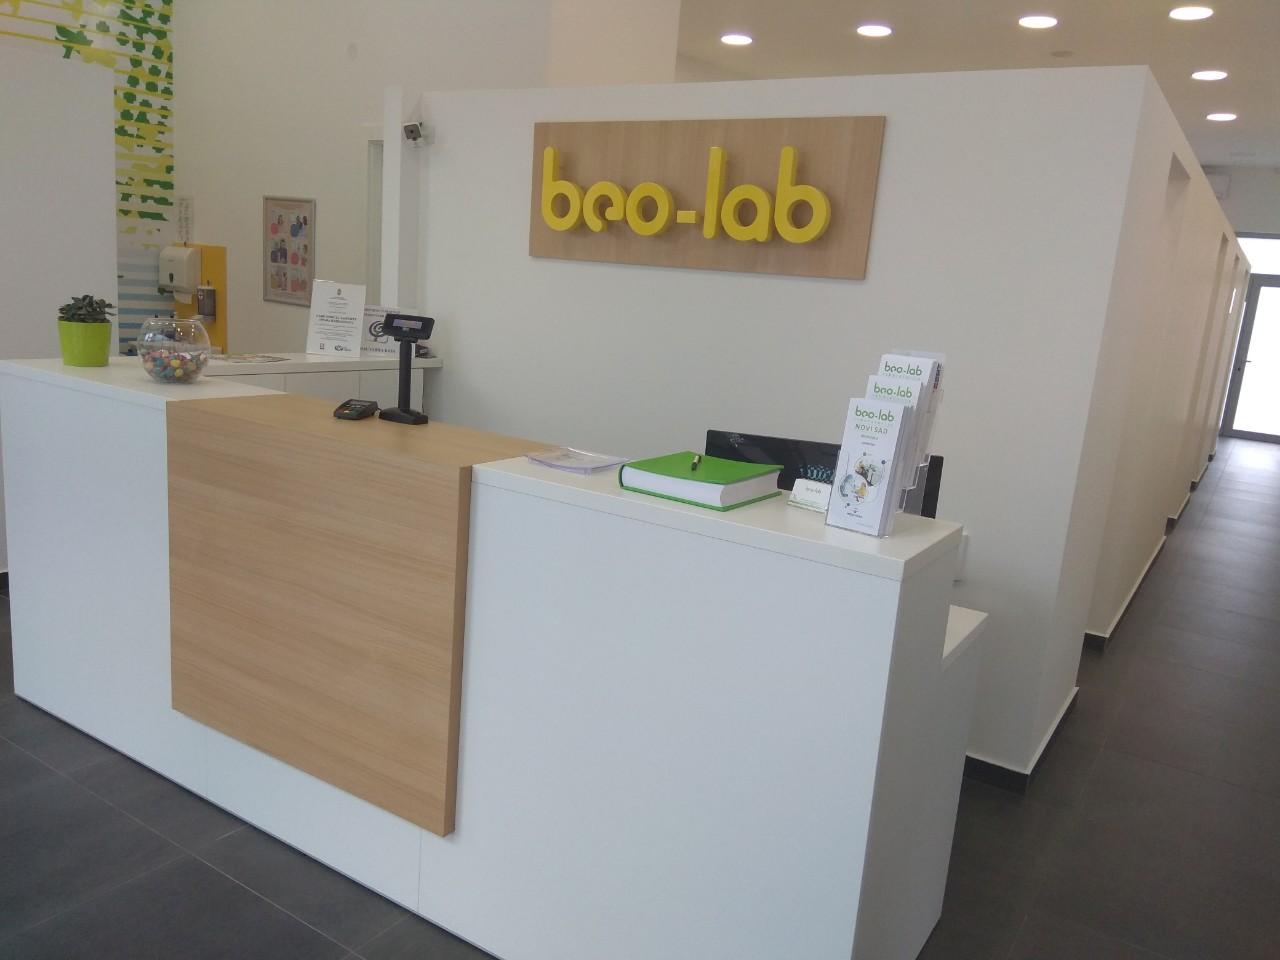 Beo-lab laboratorija Novi Sad, Braće Ribnikar 7 4